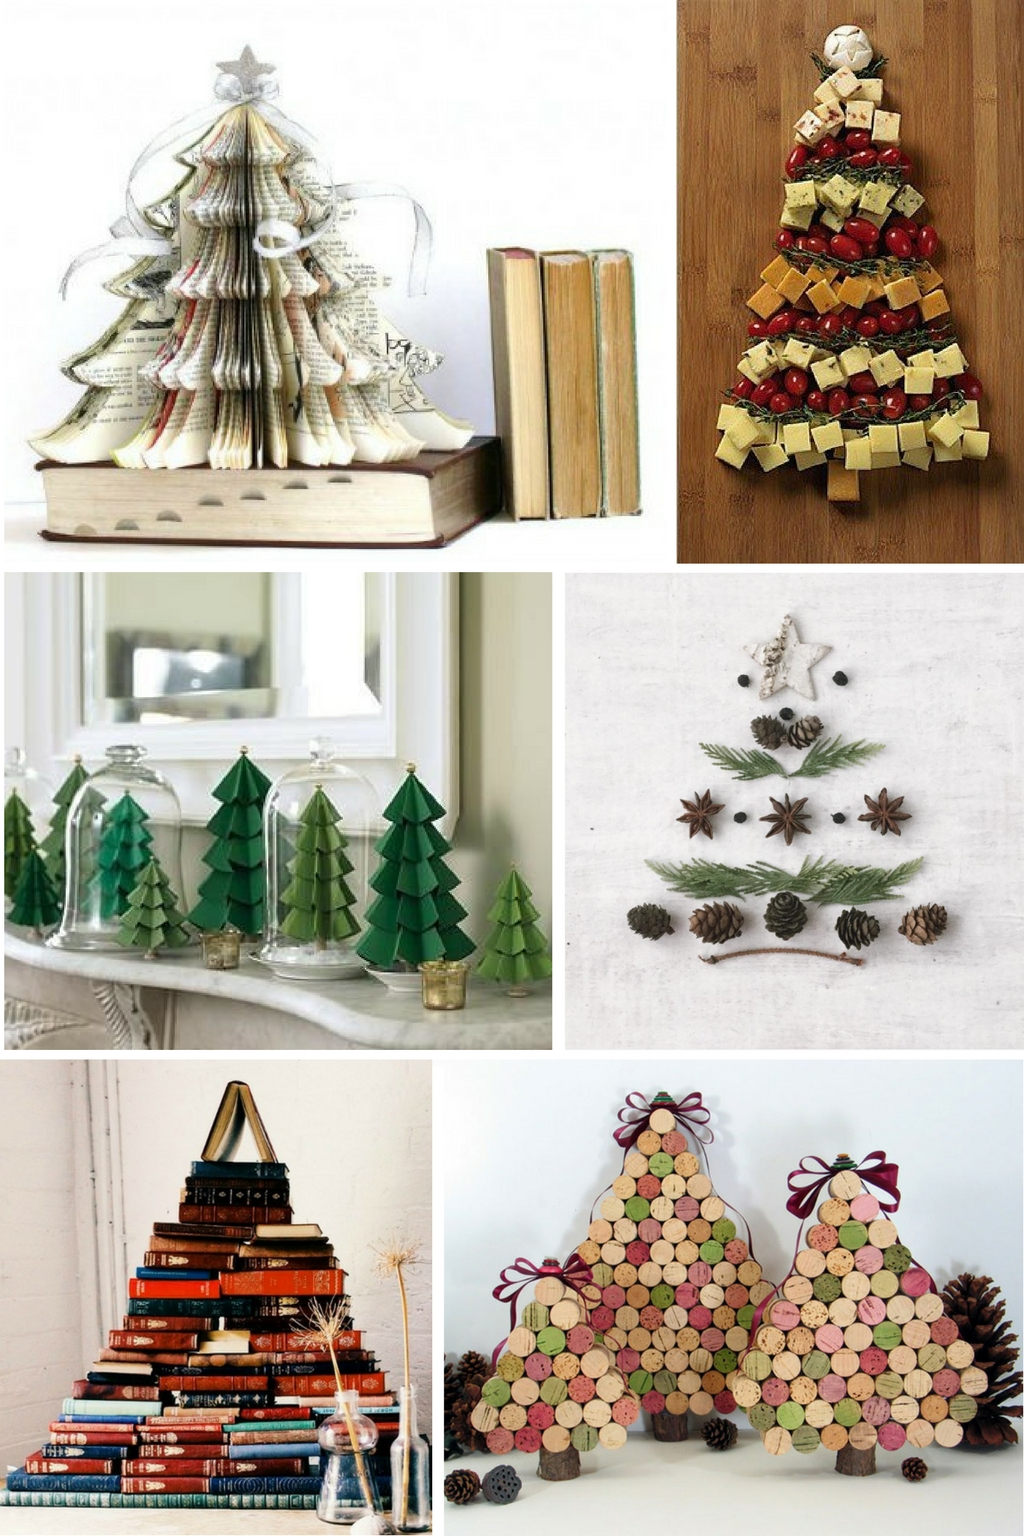 Idee Di Riciclo Per Natale 5 idee green per un natale piu' bello! davvero per tutti